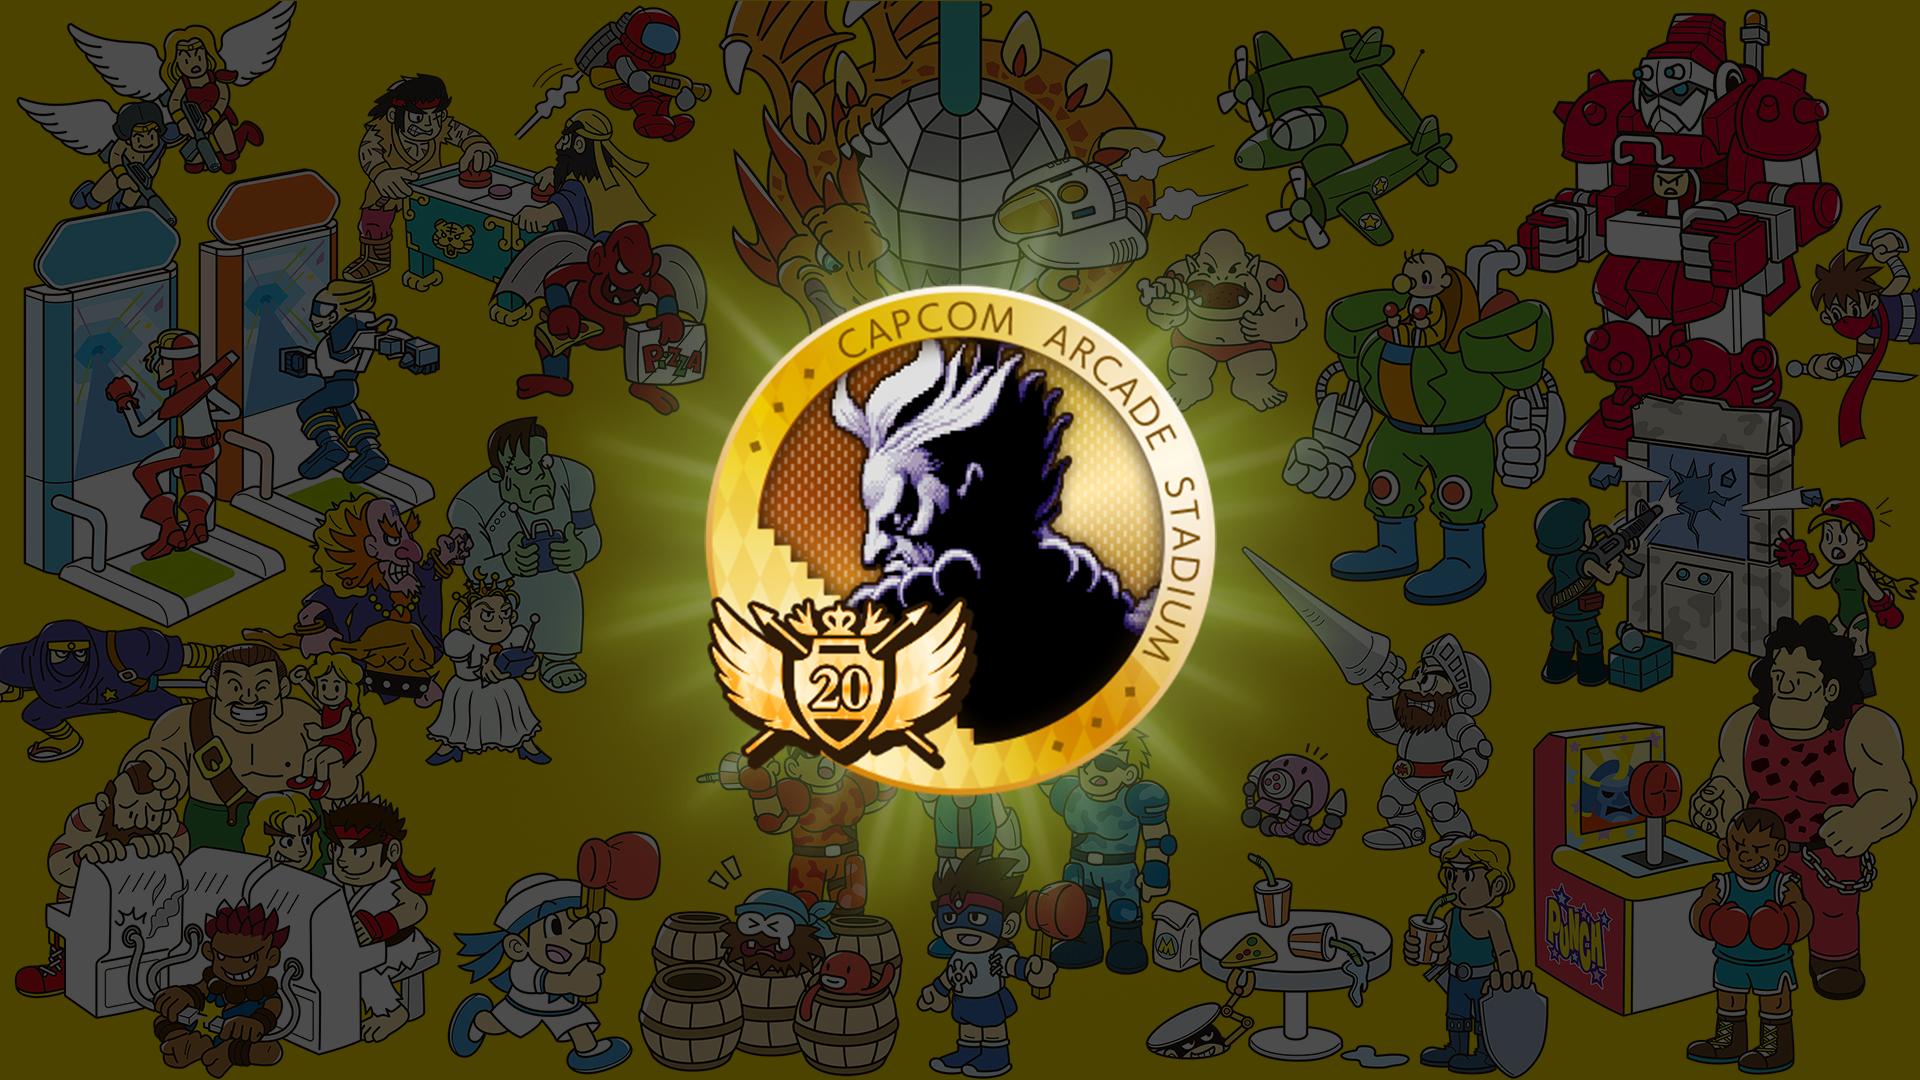 Icon for CapcoMaster